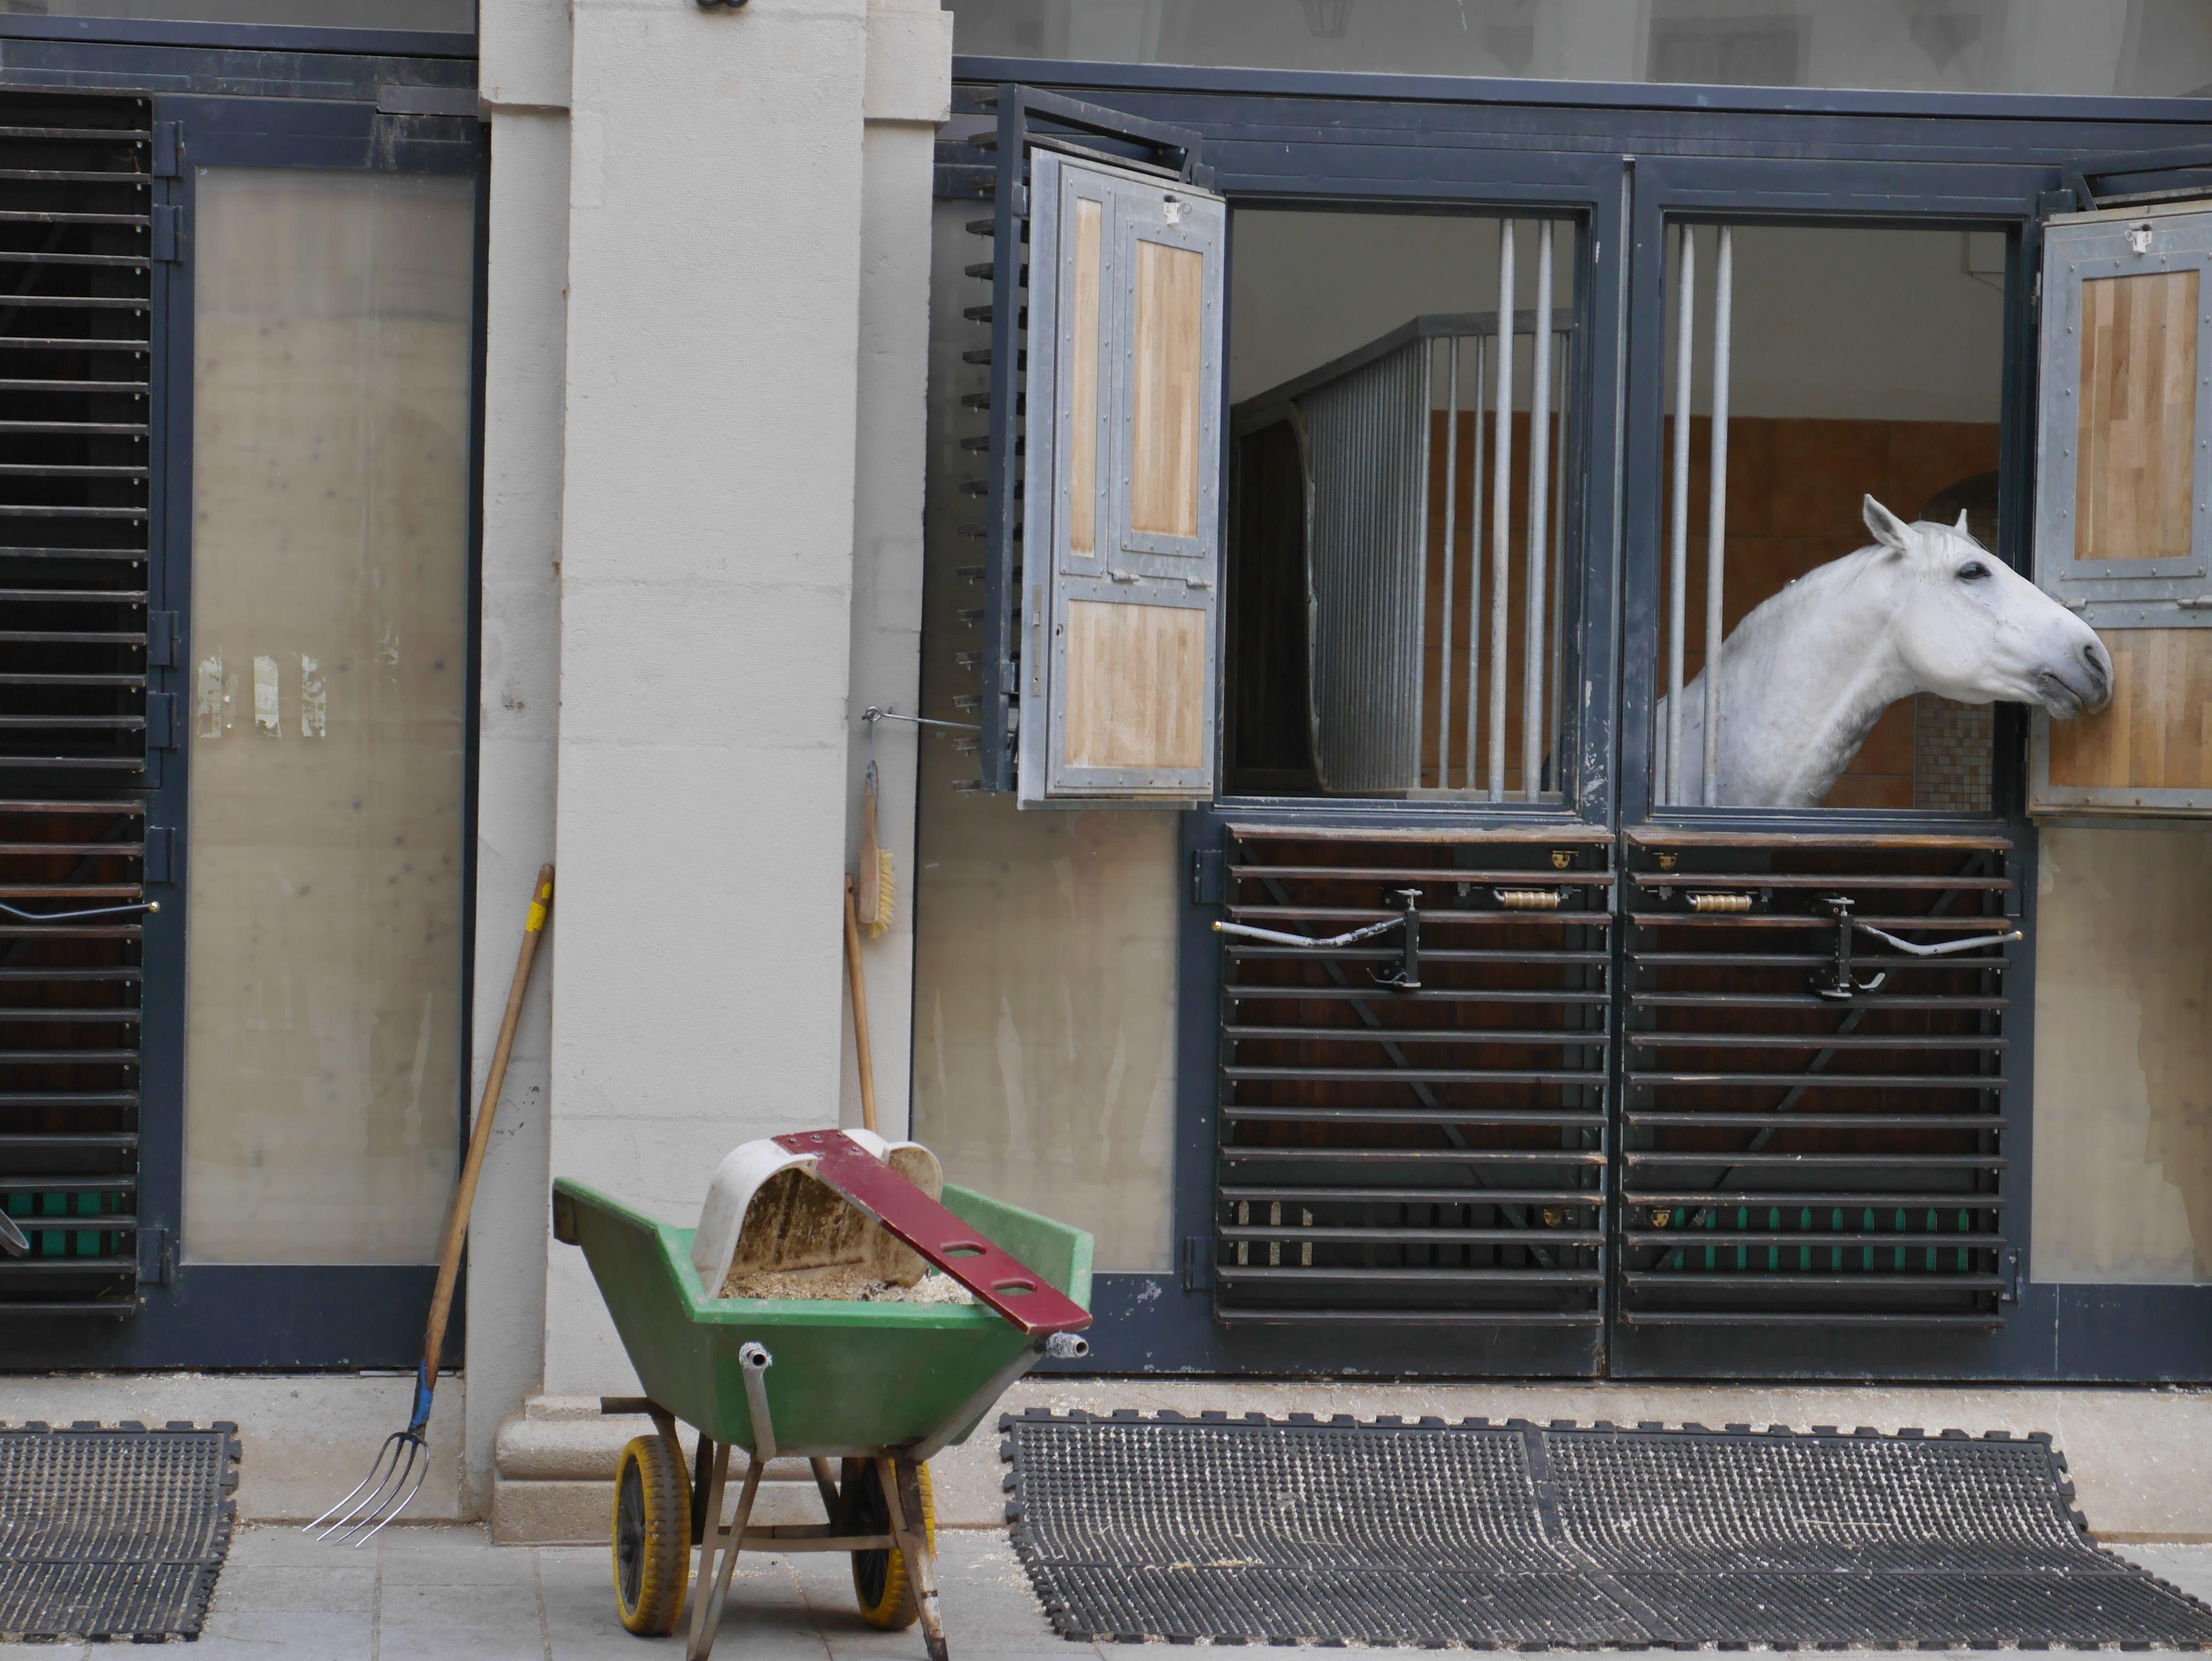 I Wien fikk vi blant annet besøke stallen til den spanske rideskolen.Foto: Are Thunes Samsonsen, Akam.no